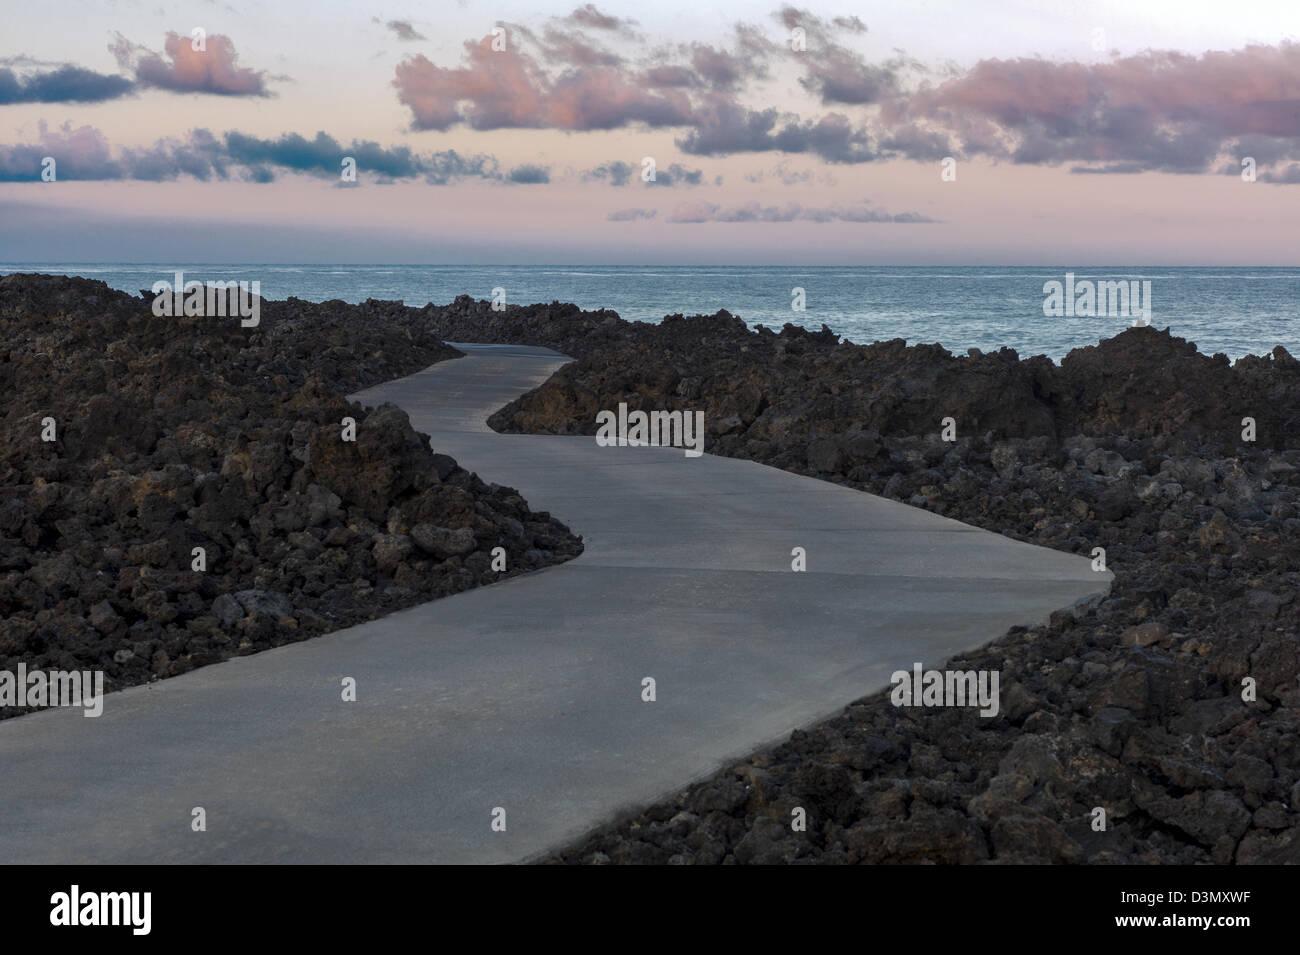 Il percorso lungo la Costa di Kohala Coast. La Big Island delle Hawaii. Immagini Stock